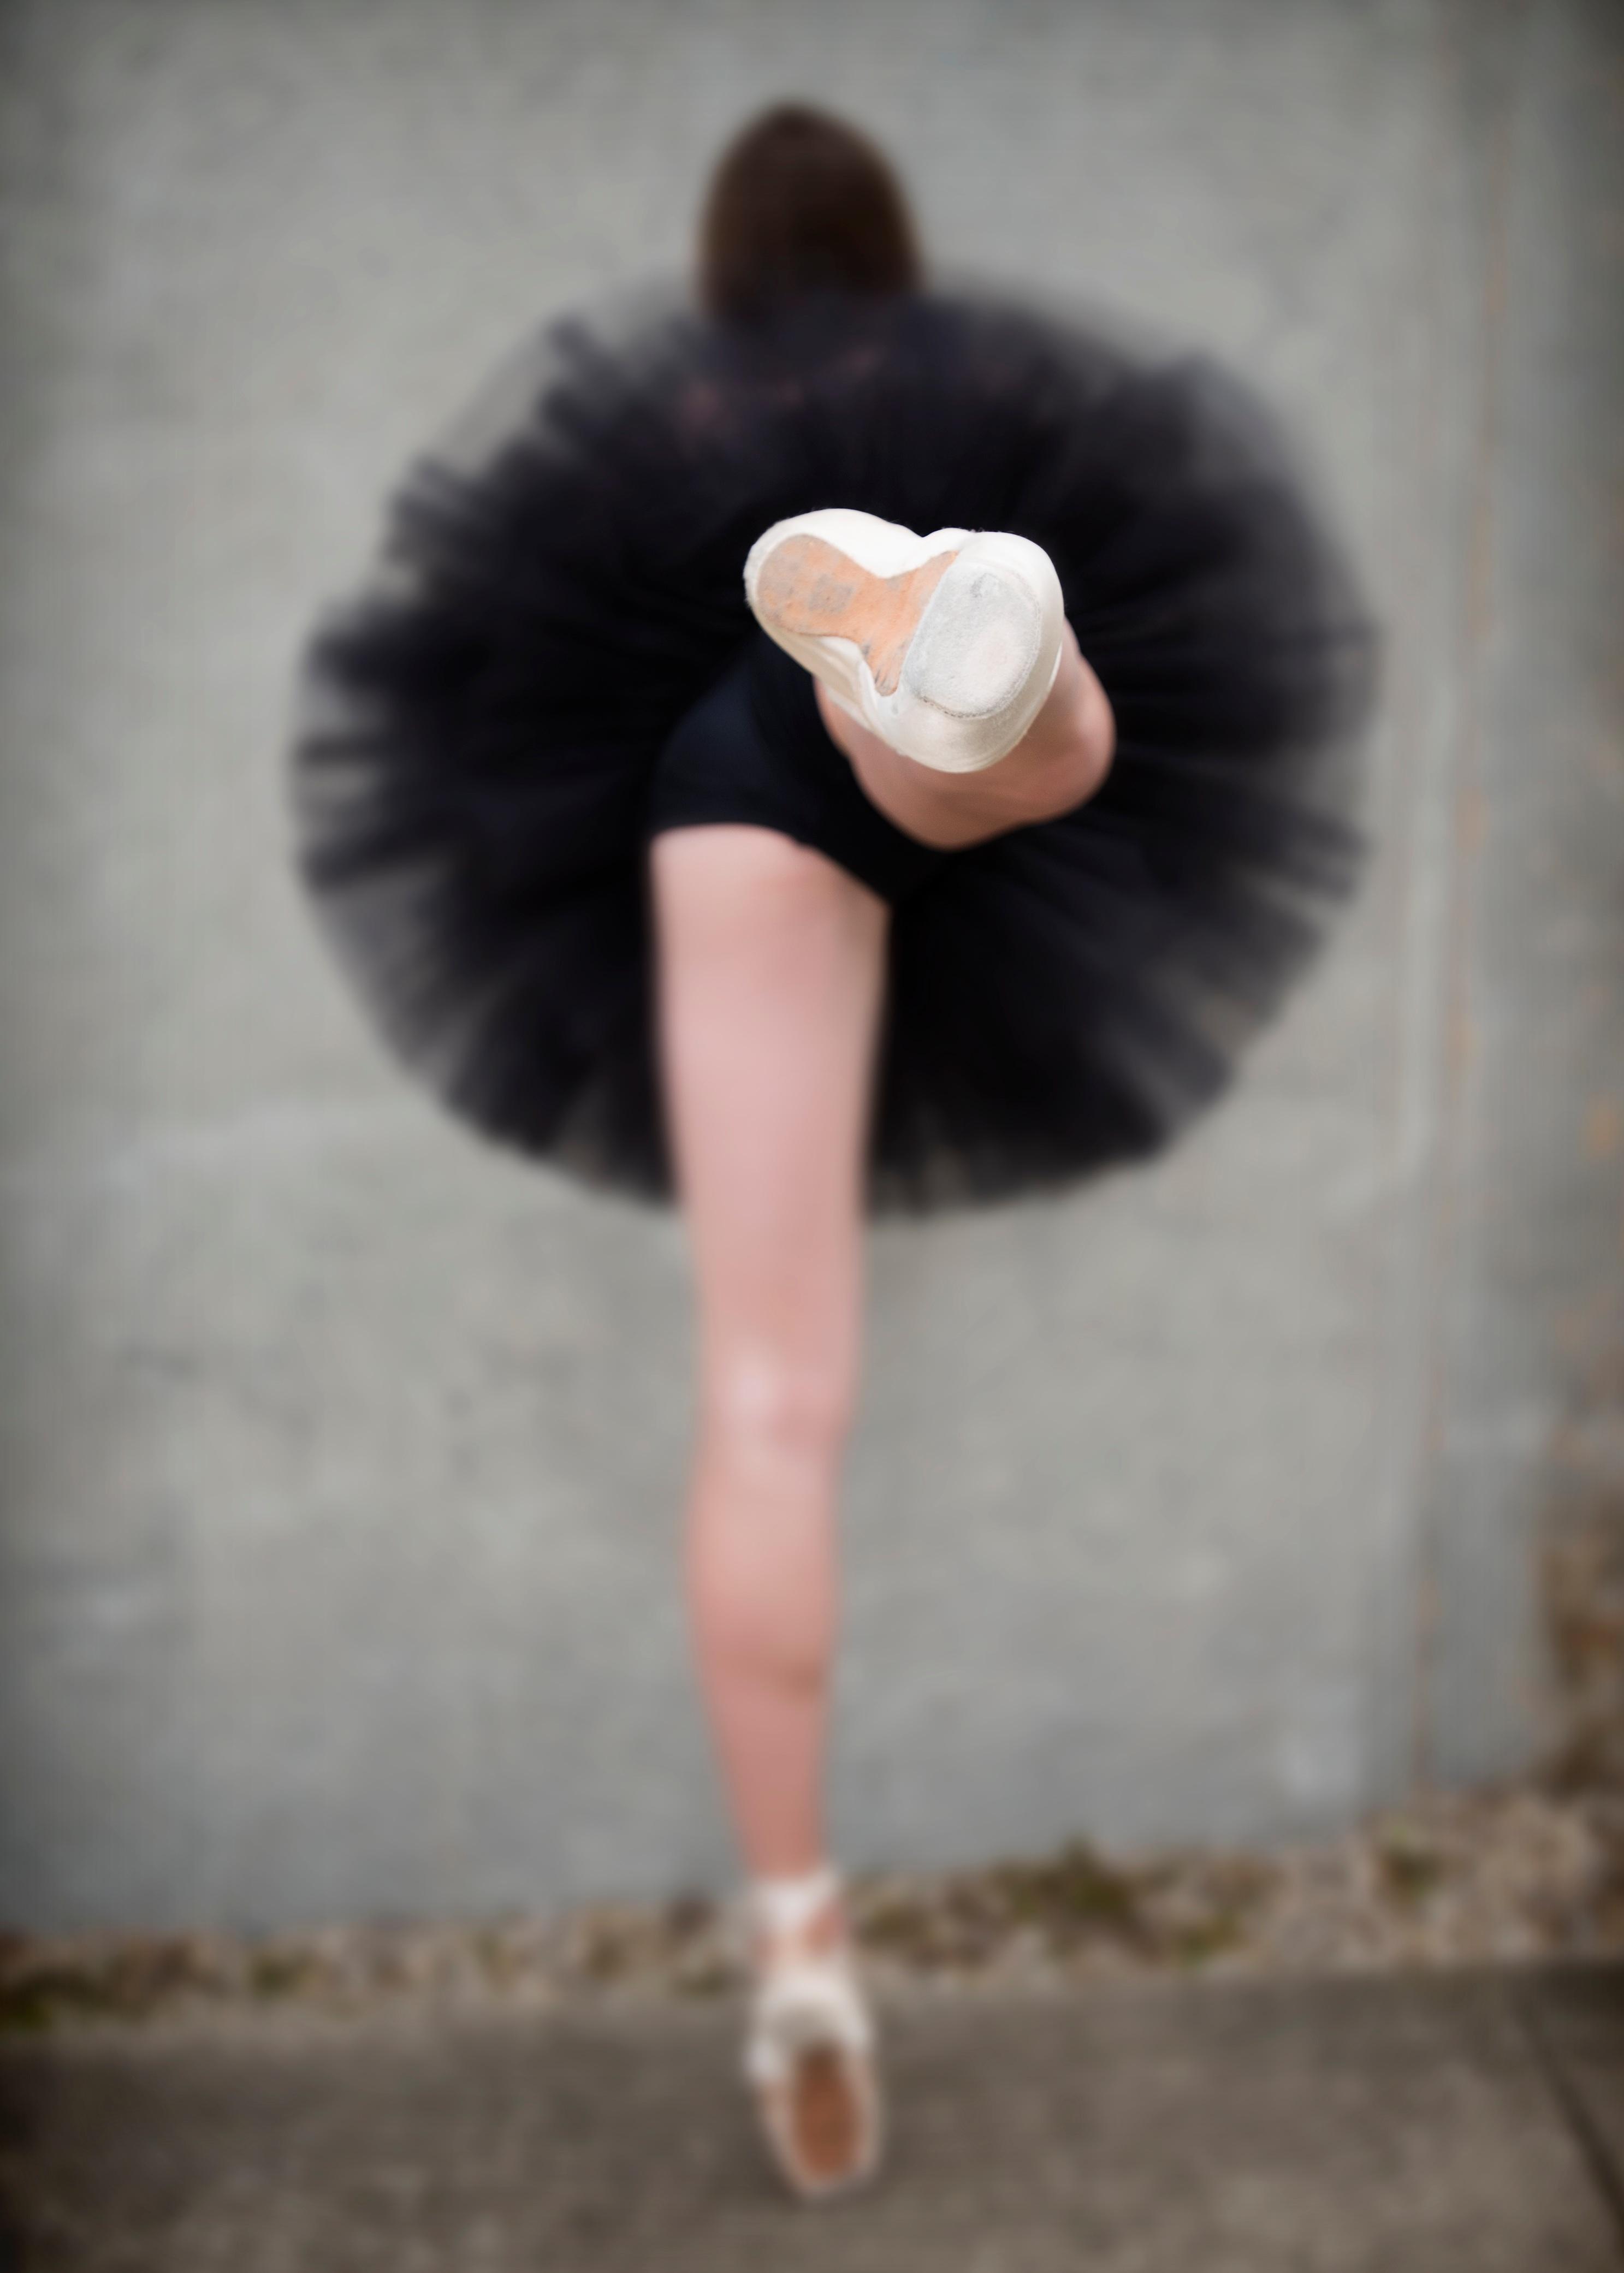 Kostenlose Foto Haar Bein Tanzen Frisur Ballerina Ballett